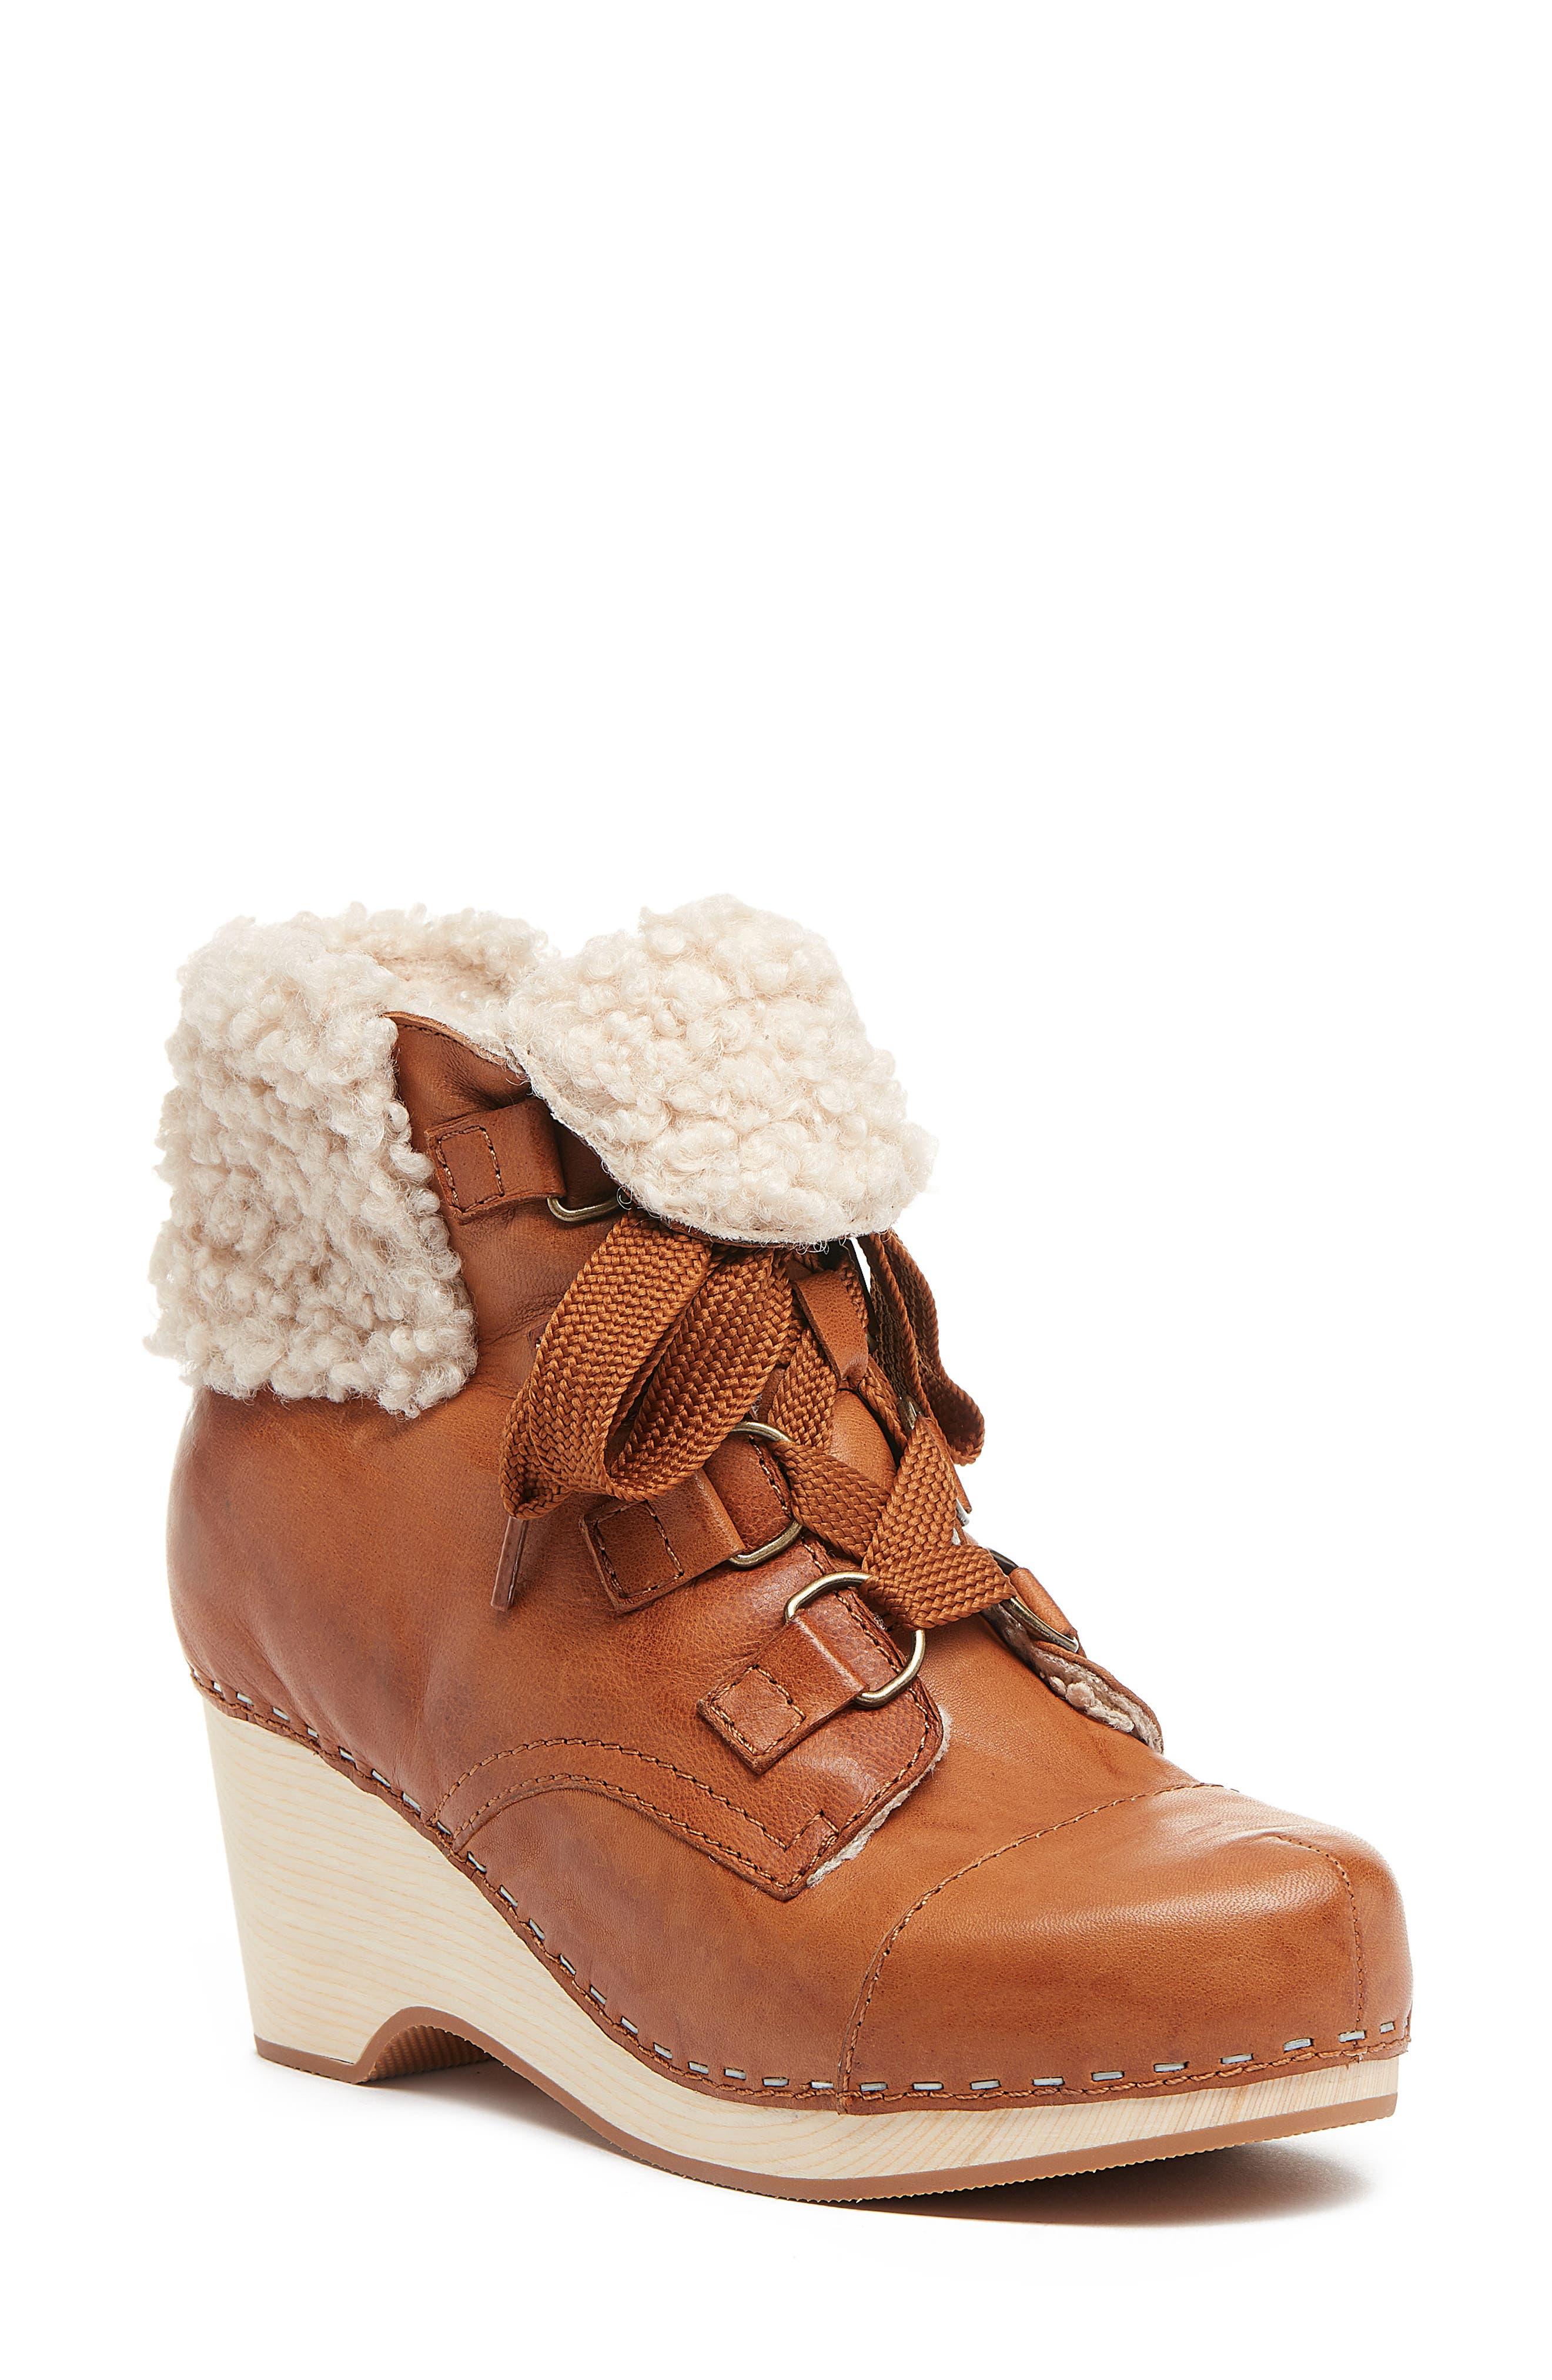 Cloud Details about  /KELSI DAGGER BROOKLYN Women/'s Keenan Ankle Boot  9.5